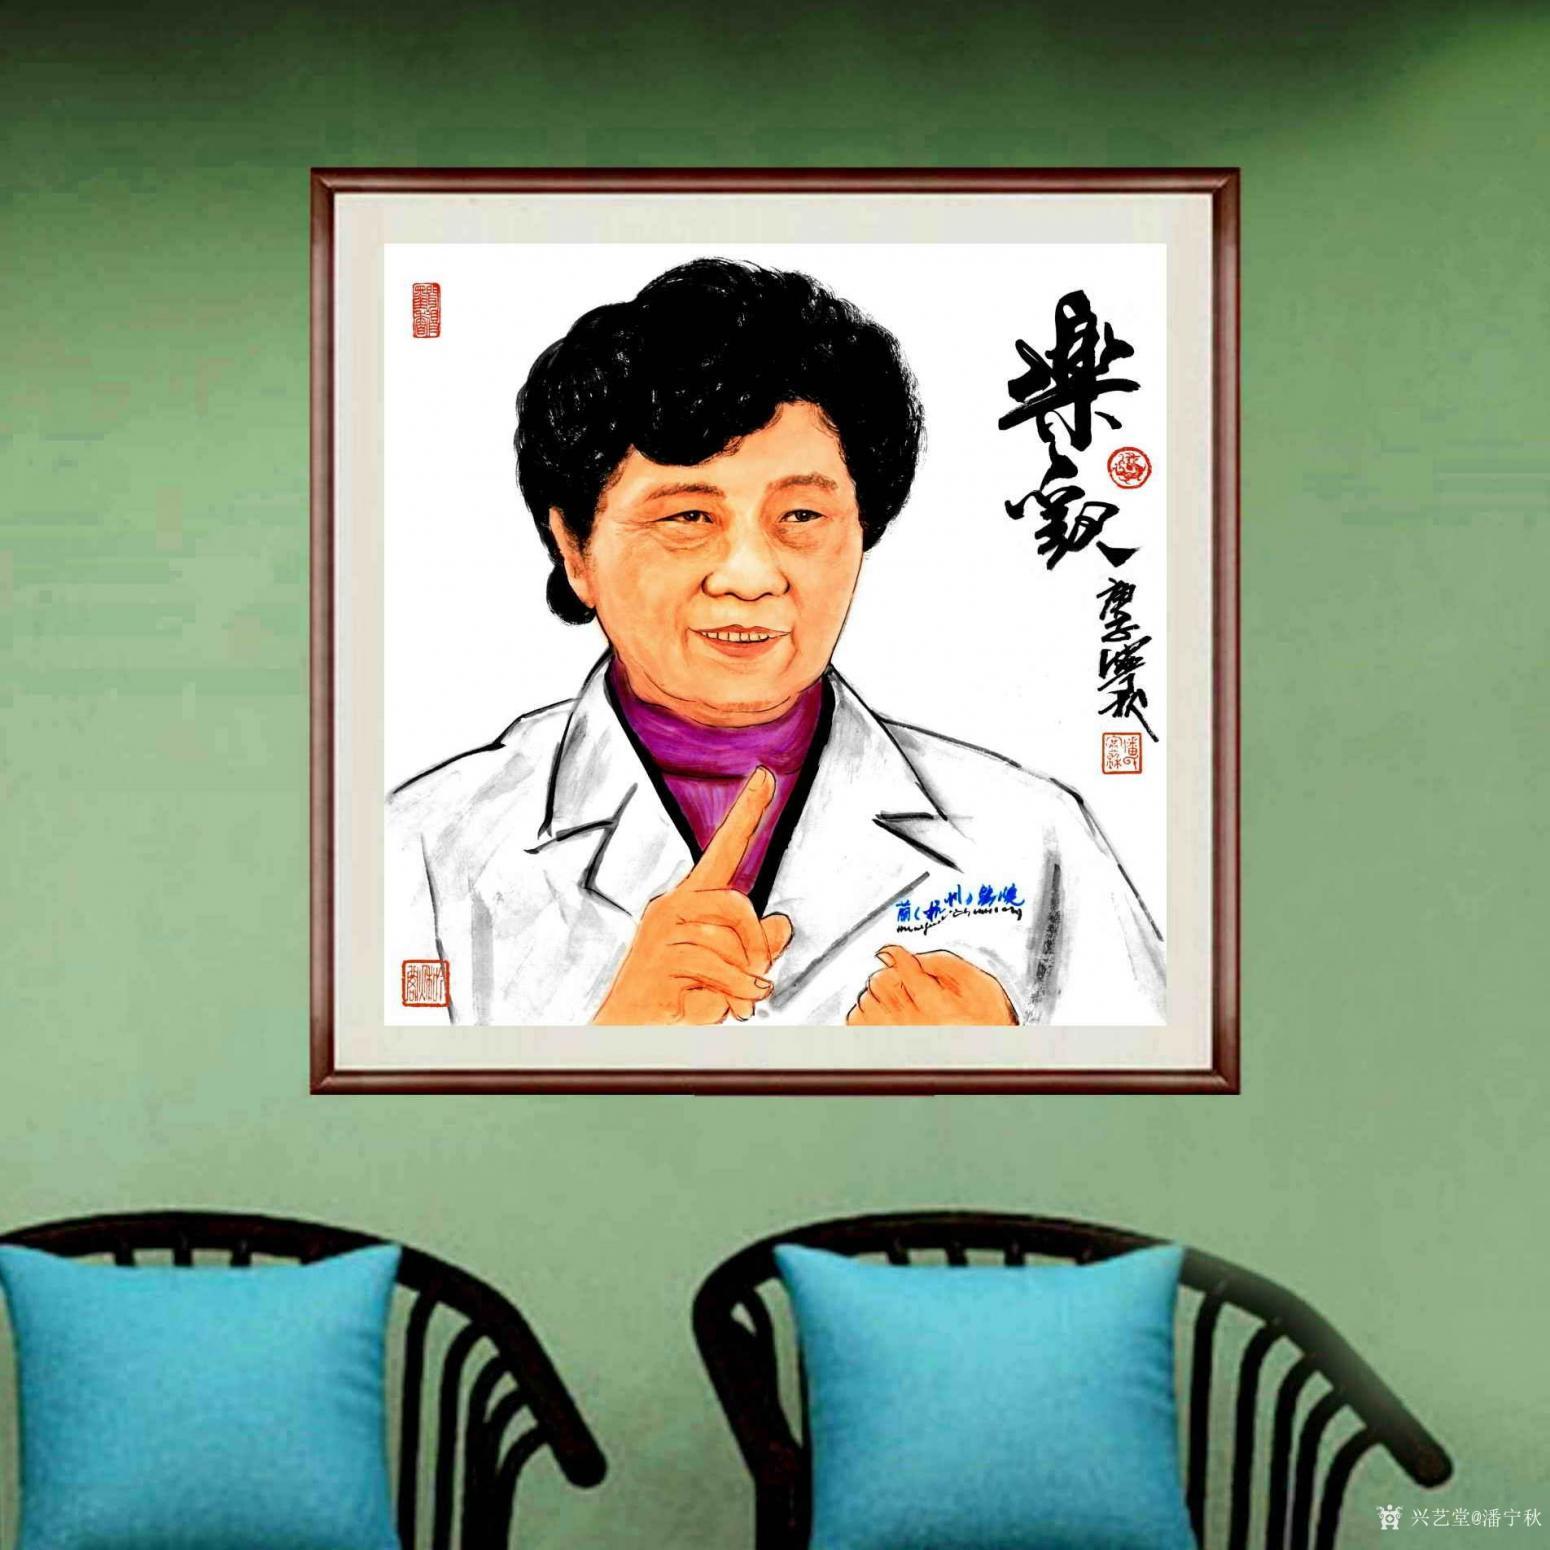 潘宁秋国画作品《《乐观》》